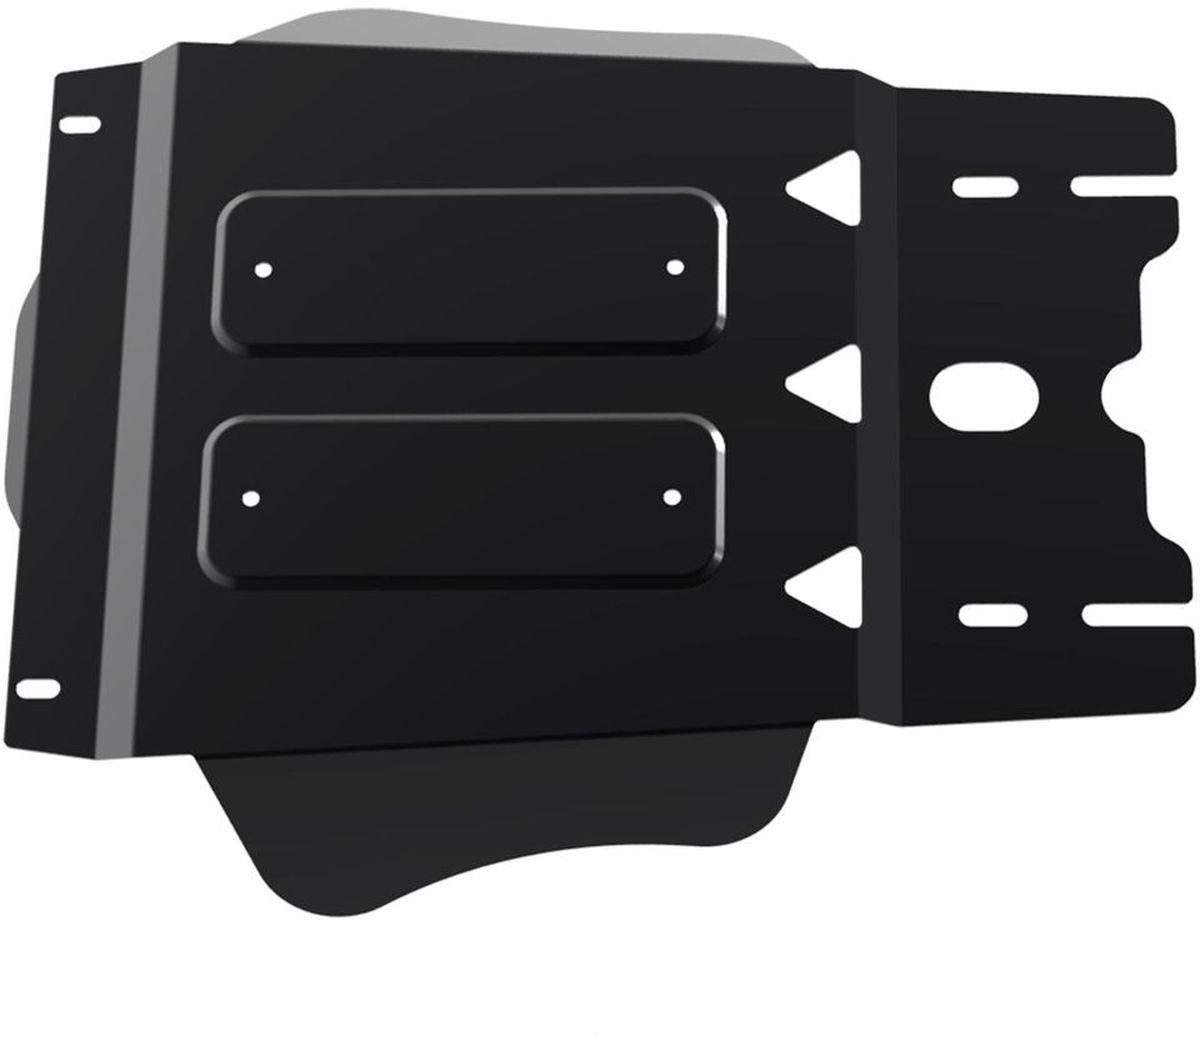 Защита КПП Автоброня Ford Ranger 2012-, сталь 2 мм111.01831.1Защита КПП Автоброня Ford Ranger, V - 2,2 2012-, сталь 2 мм, комплект крепежа, 111.01831.1Дополнительно можно приобрести другие защитные элементы из комплекта: защита радиатора - 111.01829.1, защита картера - 111.01830.1, защита РК - 111.01832.1Стальные защиты Автоброня надежно защищают ваш автомобиль от повреждений при наезде на бордюры, выступающие канализационные люки, кромки поврежденного асфальта или при ремонте дорог, не говоря уже о загородных дорогах.- Имеют оптимальное соотношение цена-качество.- Спроектированы с учетом особенностей автомобиля, что делает установку удобной.- Защита устанавливается в штатные места кузова автомобиля.- Является надежной защитой для важных элементов на протяжении долгих лет.- Глубокий штамп дополнительно усиливает конструкцию защиты.- Подштамповка в местах крепления защищает крепеж от срезания.- Технологические отверстия там, где они необходимы для смены масла и слива воды, оборудованные заглушками, закрепленными на защите.Толщина стали 2 мм.В комплекте крепеж и инструкция по установке.Уважаемые клиенты!Обращаем ваше внимание на тот факт, что защита имеет форму, соответствующую модели данного автомобиля. Наличие глубокого штампа и лючков для смены фильтров/масла предусмотрено не на всех защитах. Фото служит для визуального восприятия товара.